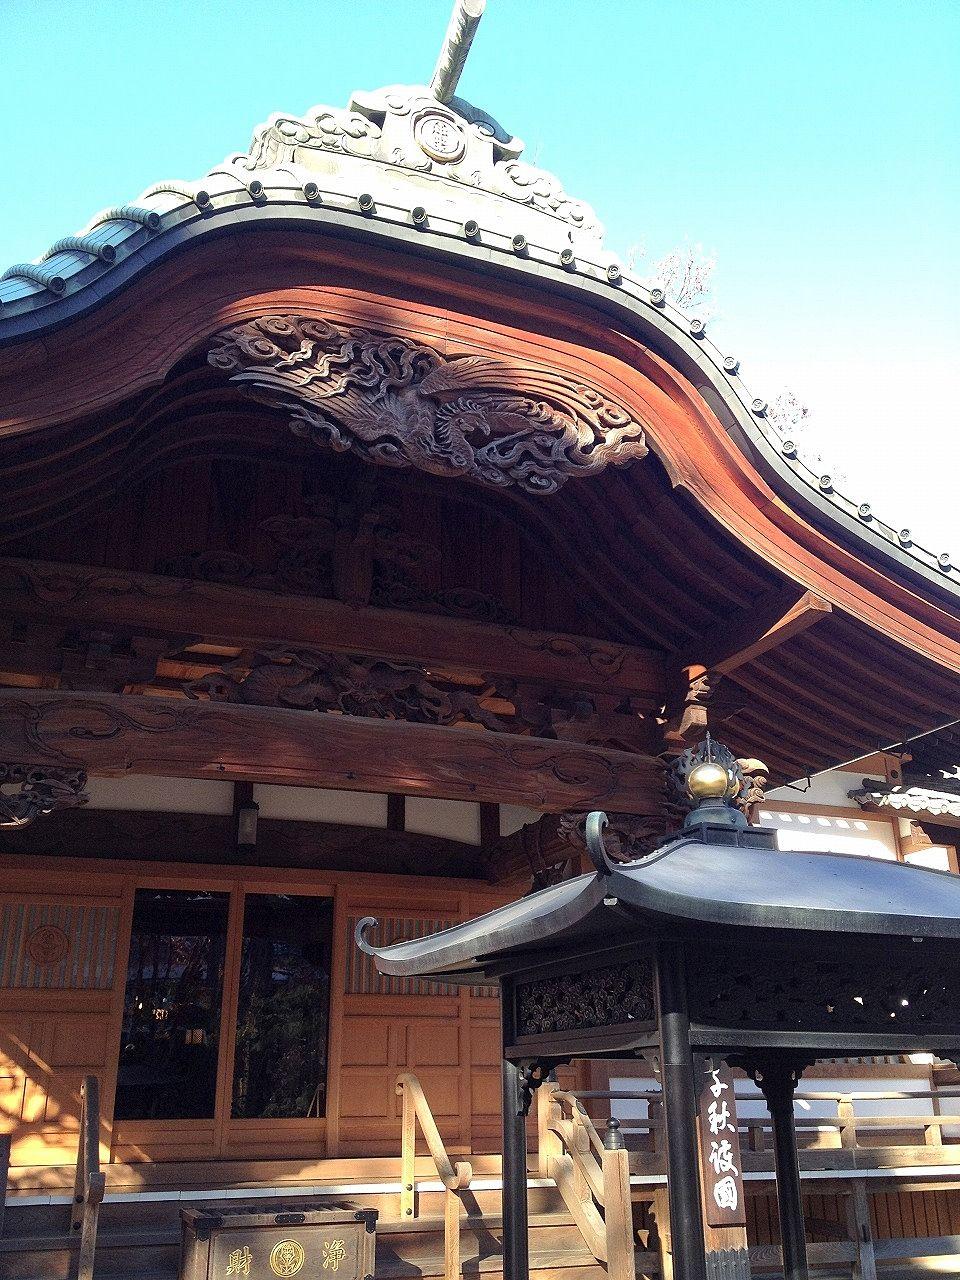 吉祥寺の月窓寺